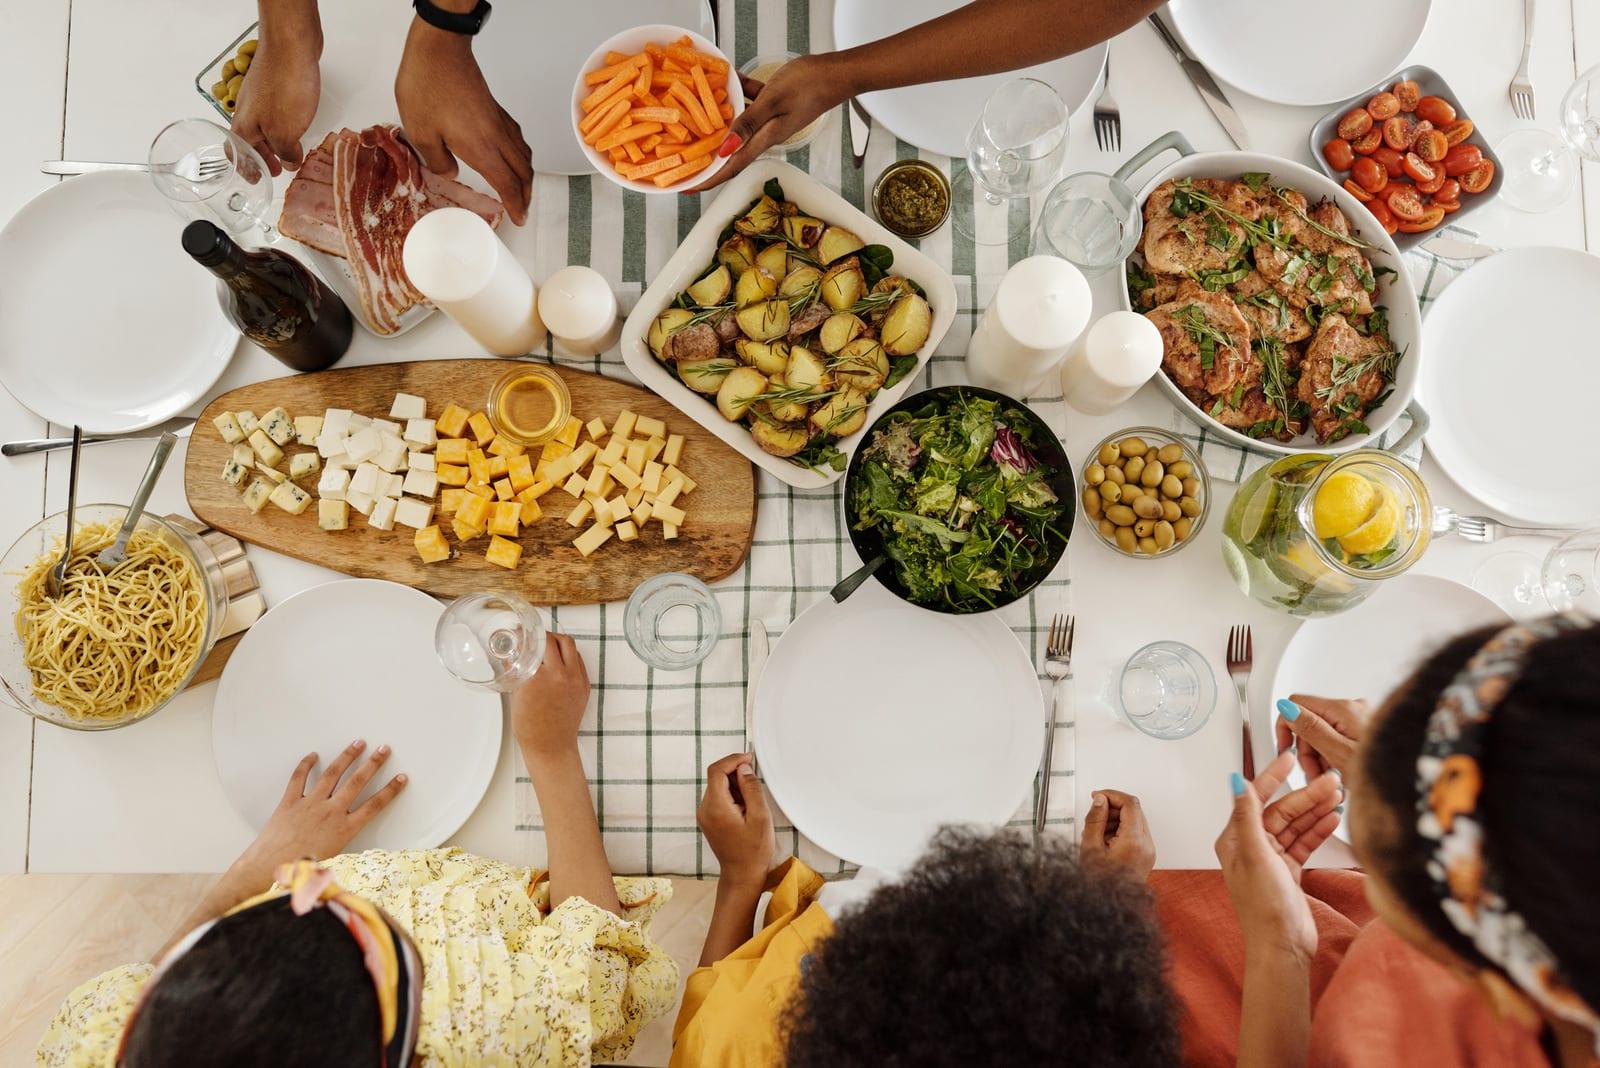 ritual de refeições em família